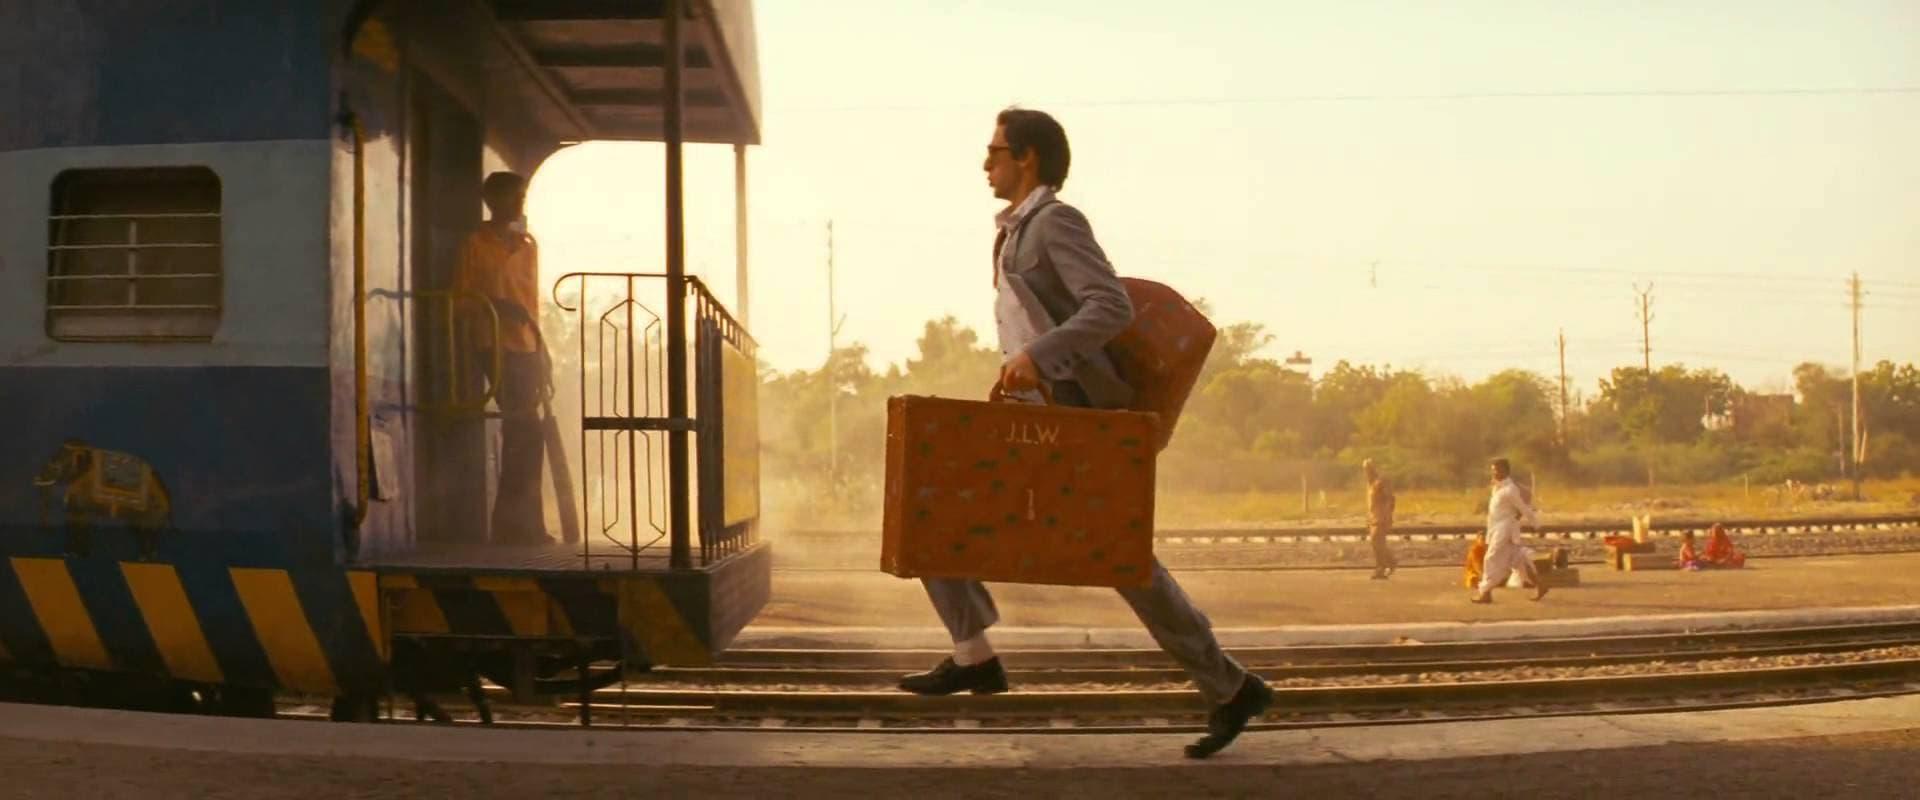 Тест для настоящего киномана: Из какого фильма Уэса Андерсона кадр?